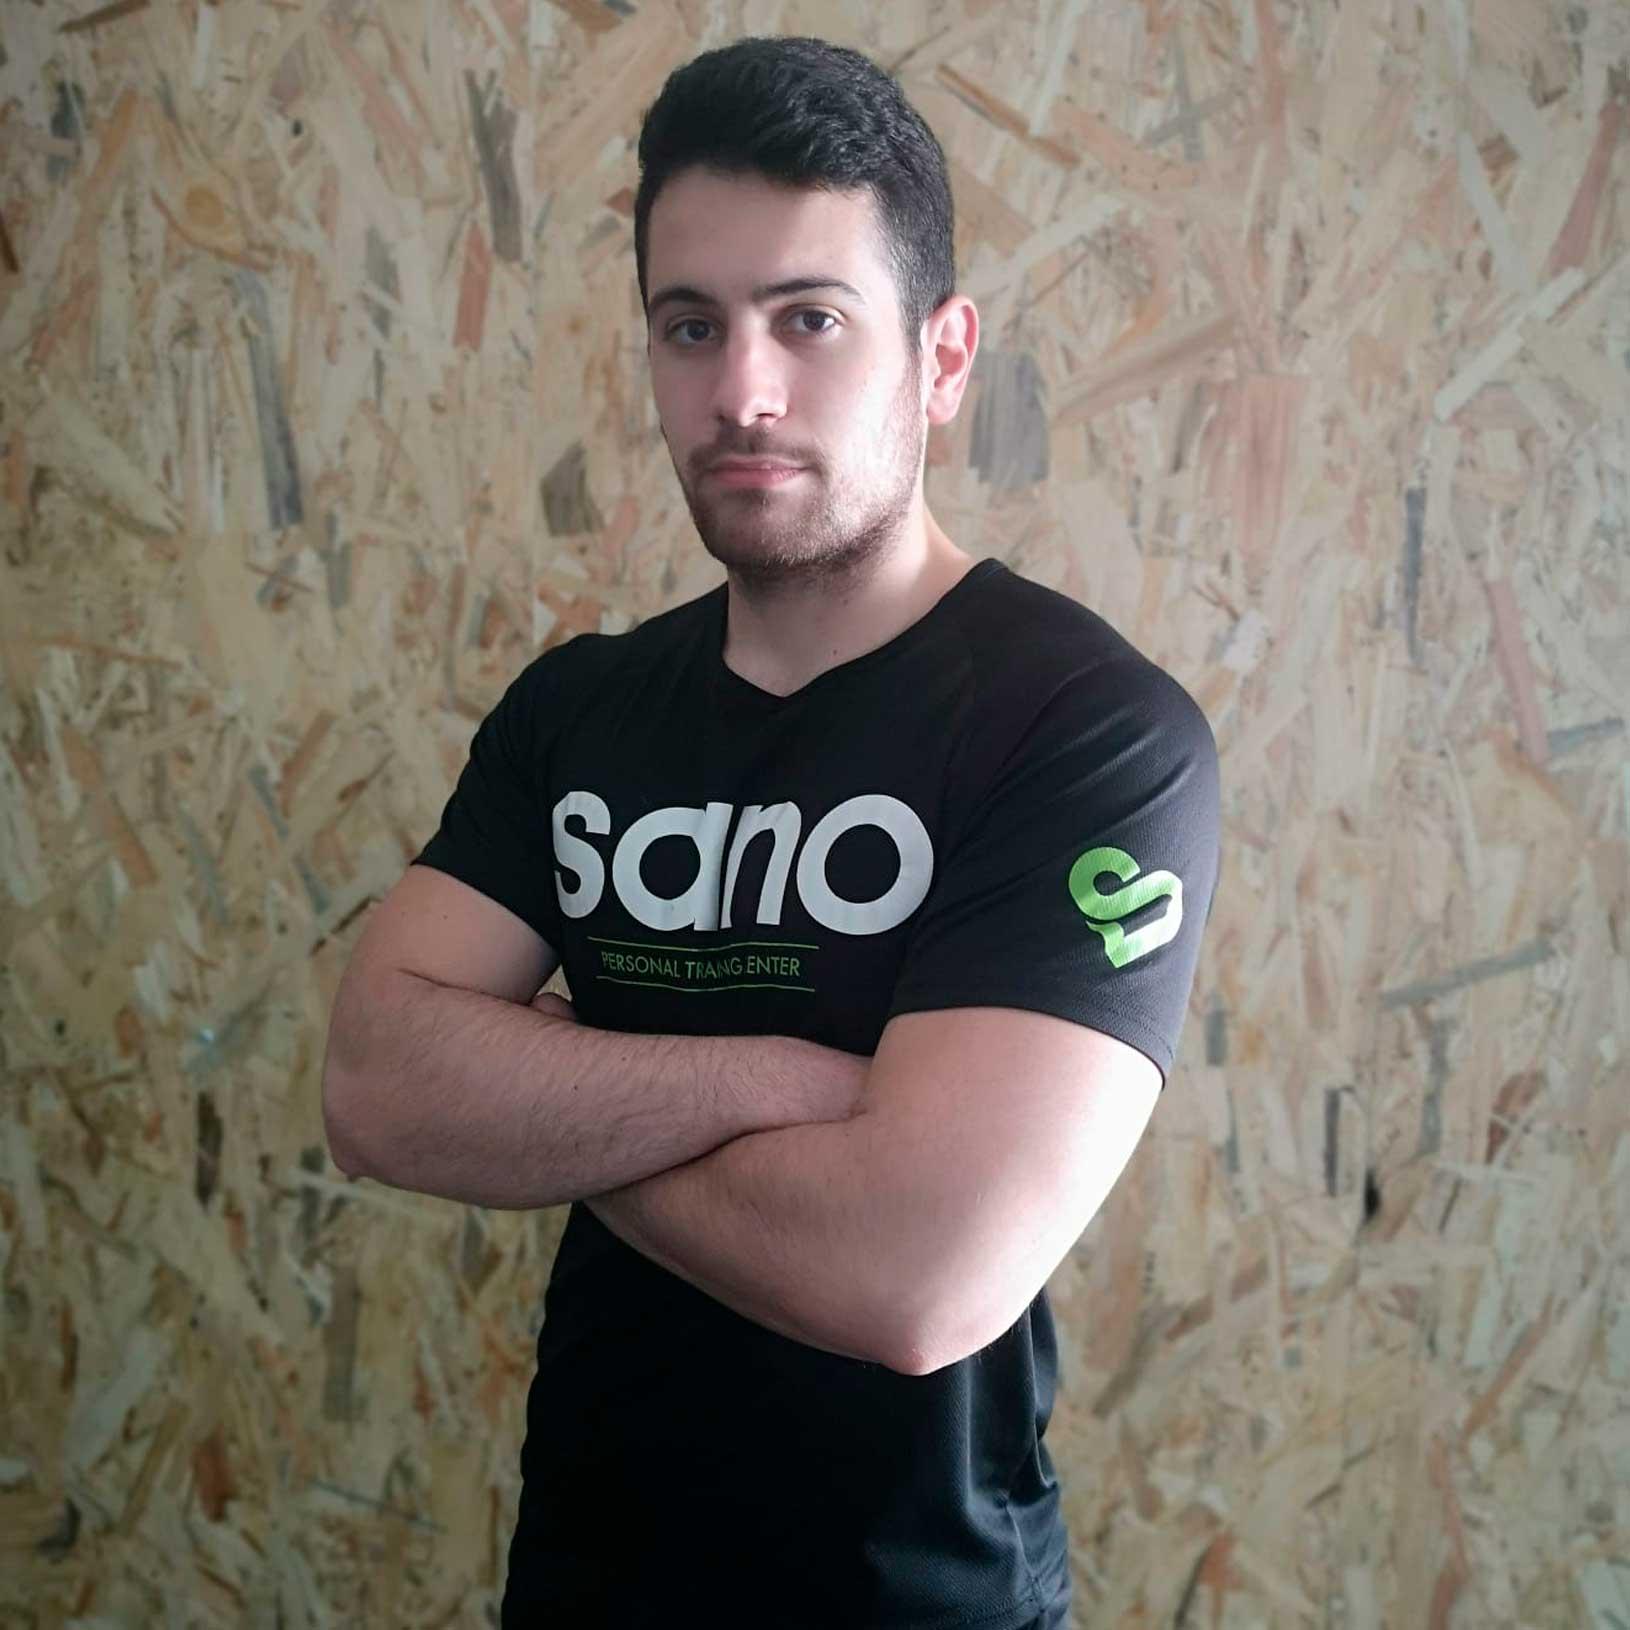 Ángel Salvador Sancho